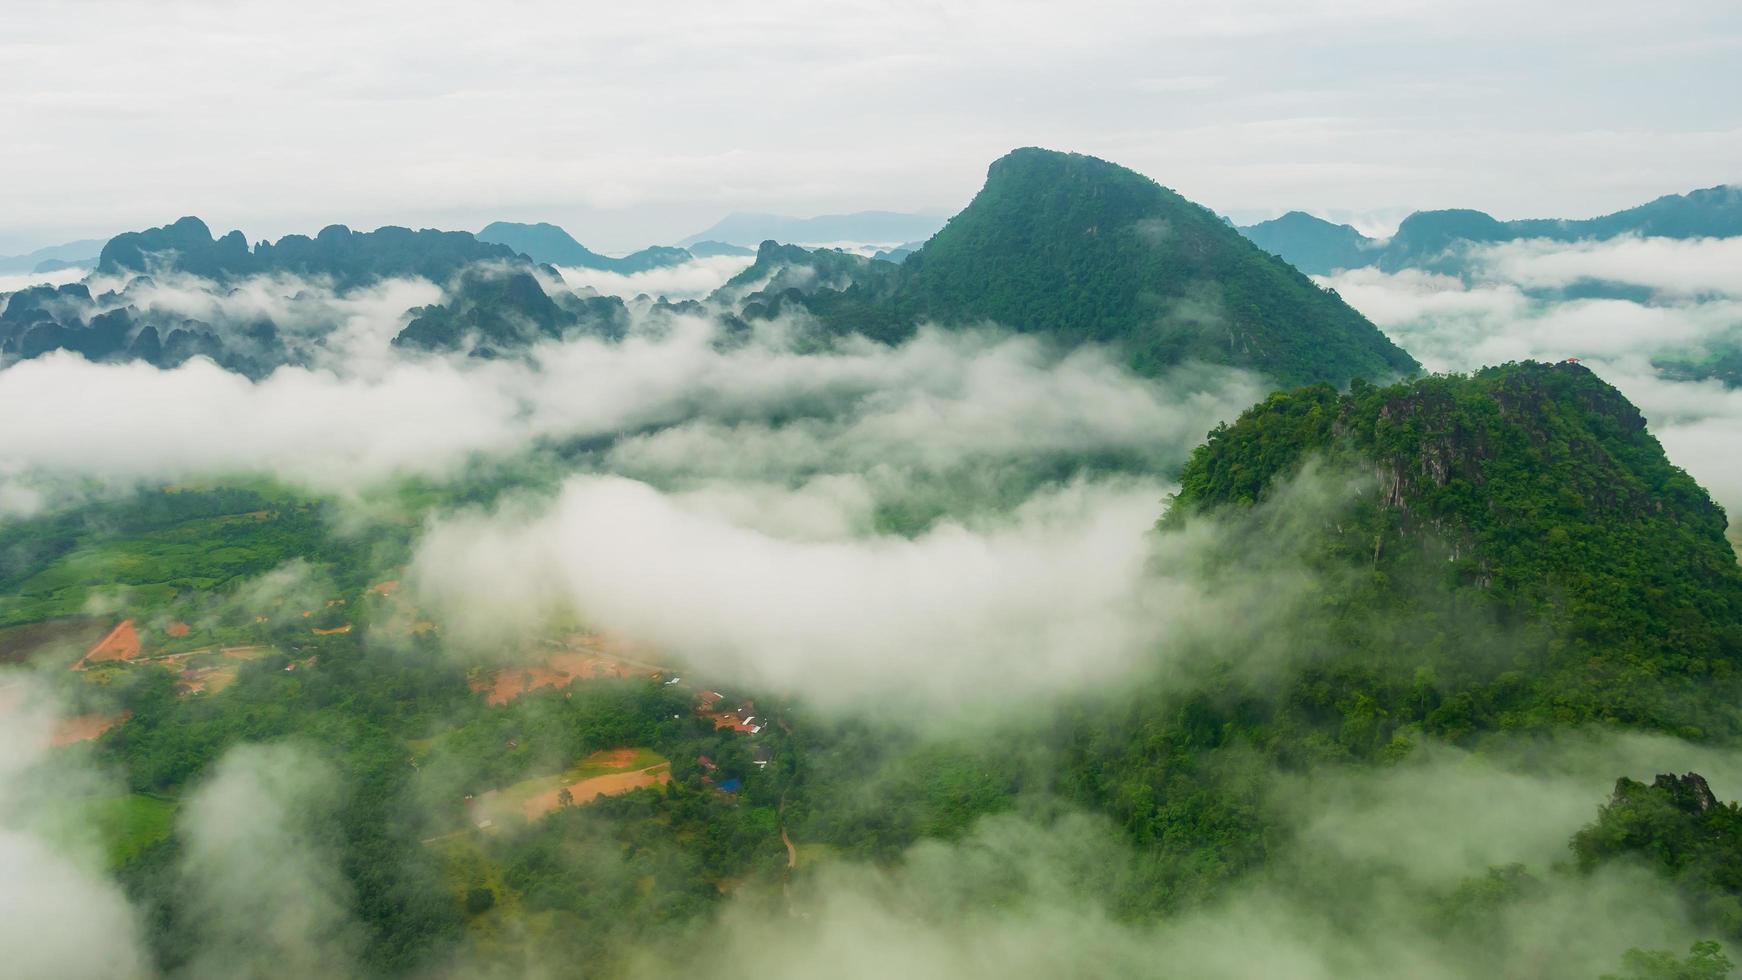 paisaje de montañas y cielo azul con árboles verdes en temporada de lluvias foto